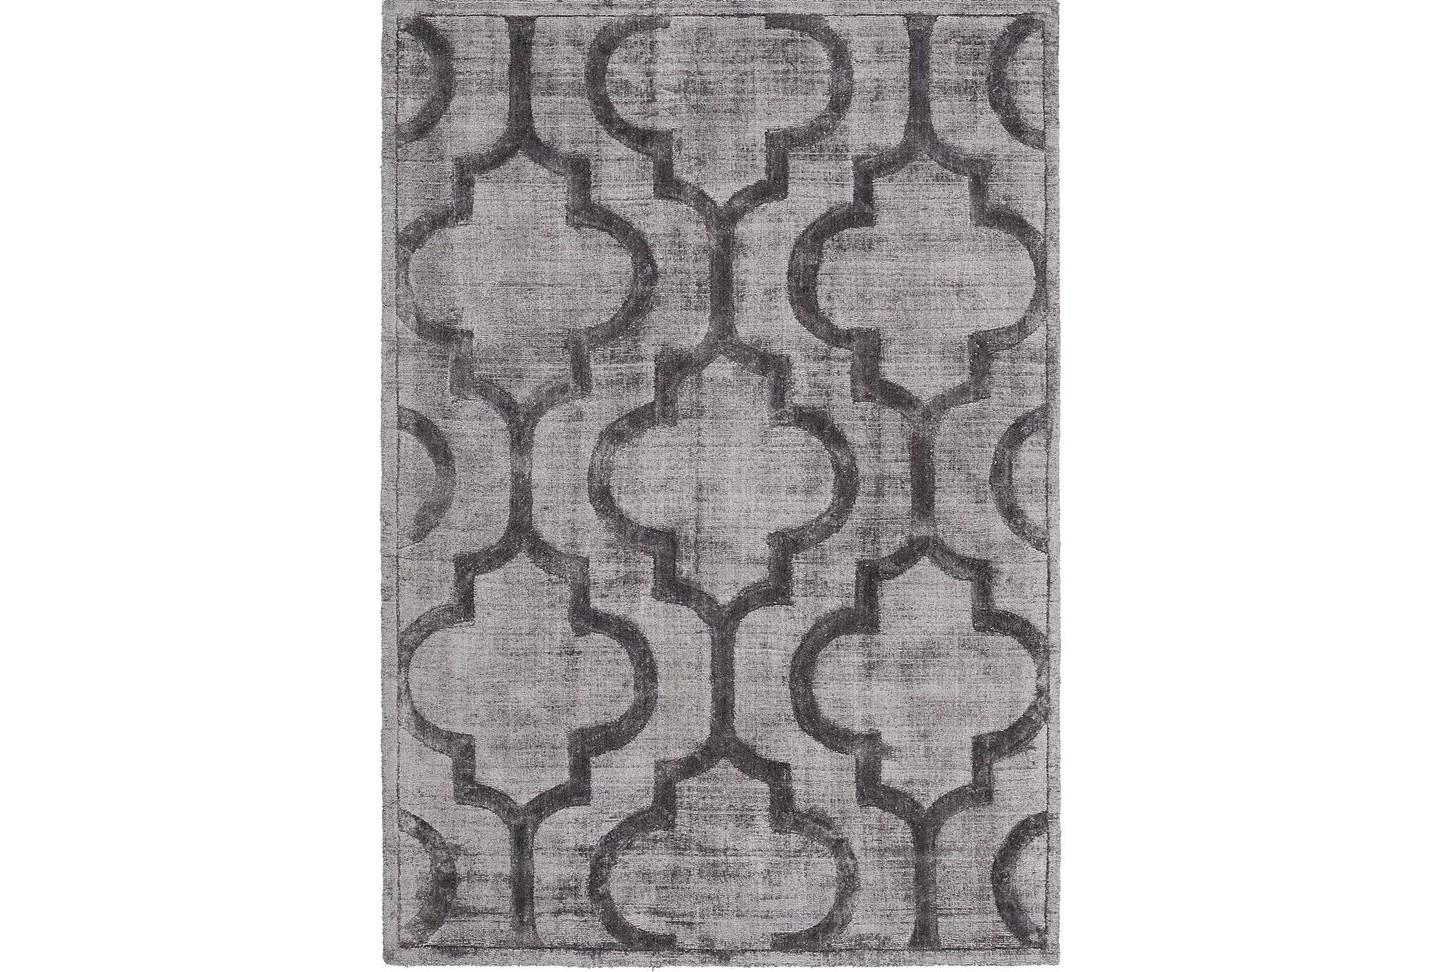 Ковер Eternity 160х230Прямоугольные ковры<br>Мягкие и шелковистые ковры ручной работы, очень красиво блестят и переливаются в зависимости от освещения в интерьере. При дневном освещении оттенок может быть бледнее, при искусственном более насыщенным.&amp;lt;div&amp;gt;&amp;lt;br&amp;gt;&amp;lt;/div&amp;gt;&amp;lt;div&amp;gt;Основа - хлопок.&amp;lt;/div&amp;gt;<br><br>Material: Шерсть<br>Width см: 160<br>Depth см: 230